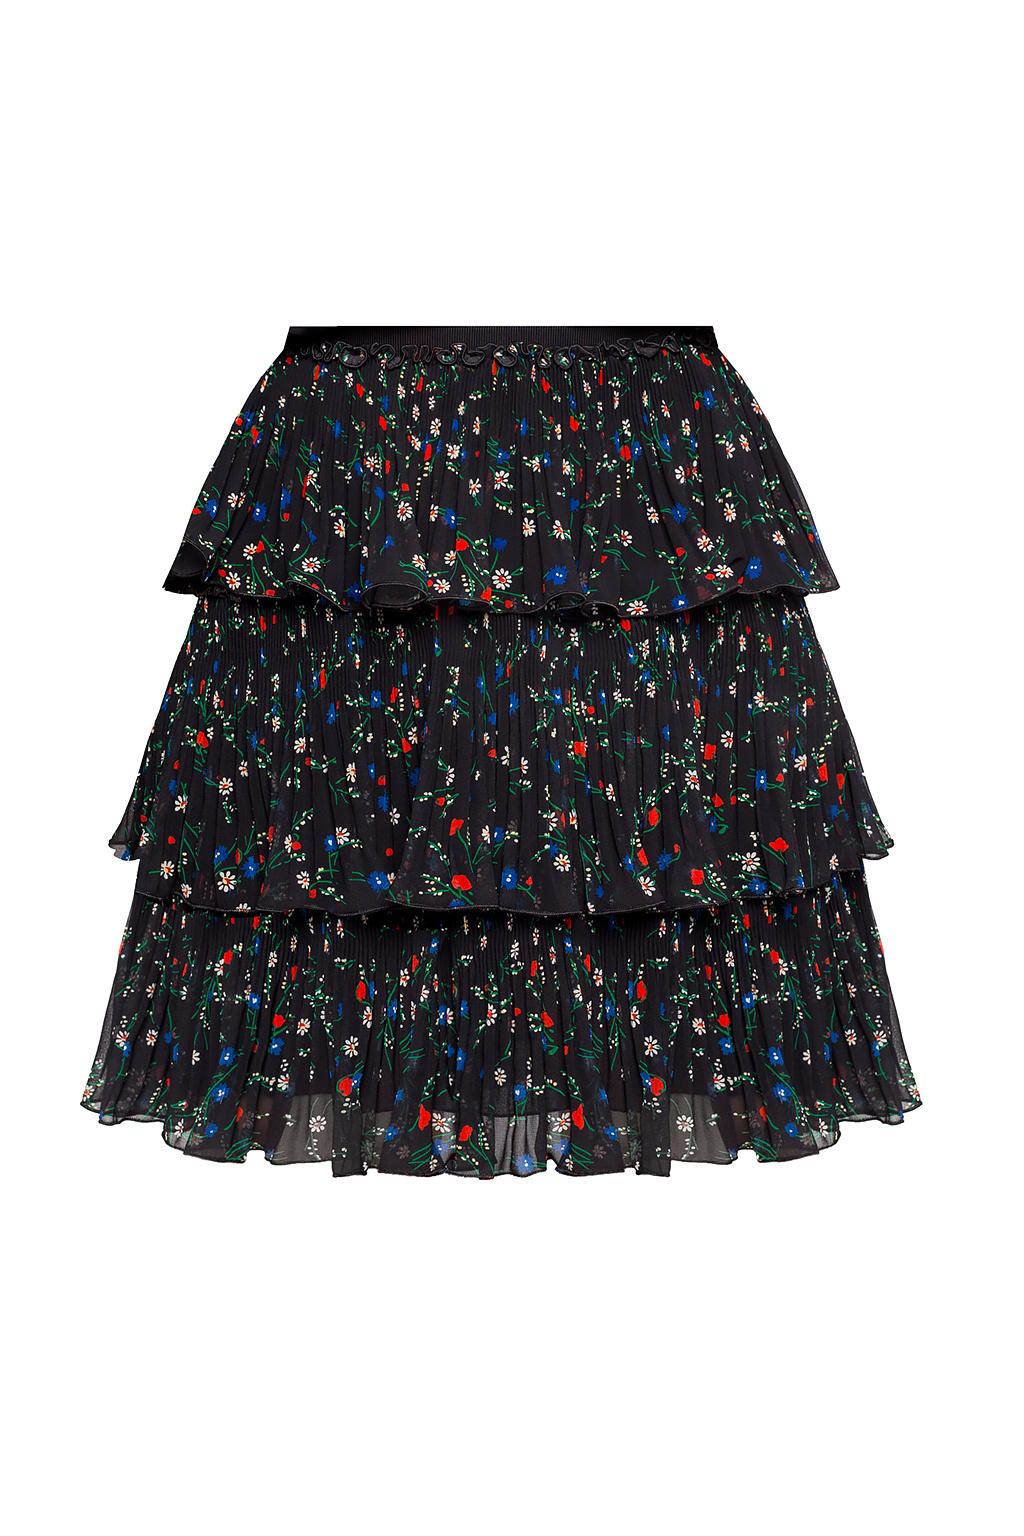 Red Valentino Ruffled skirt